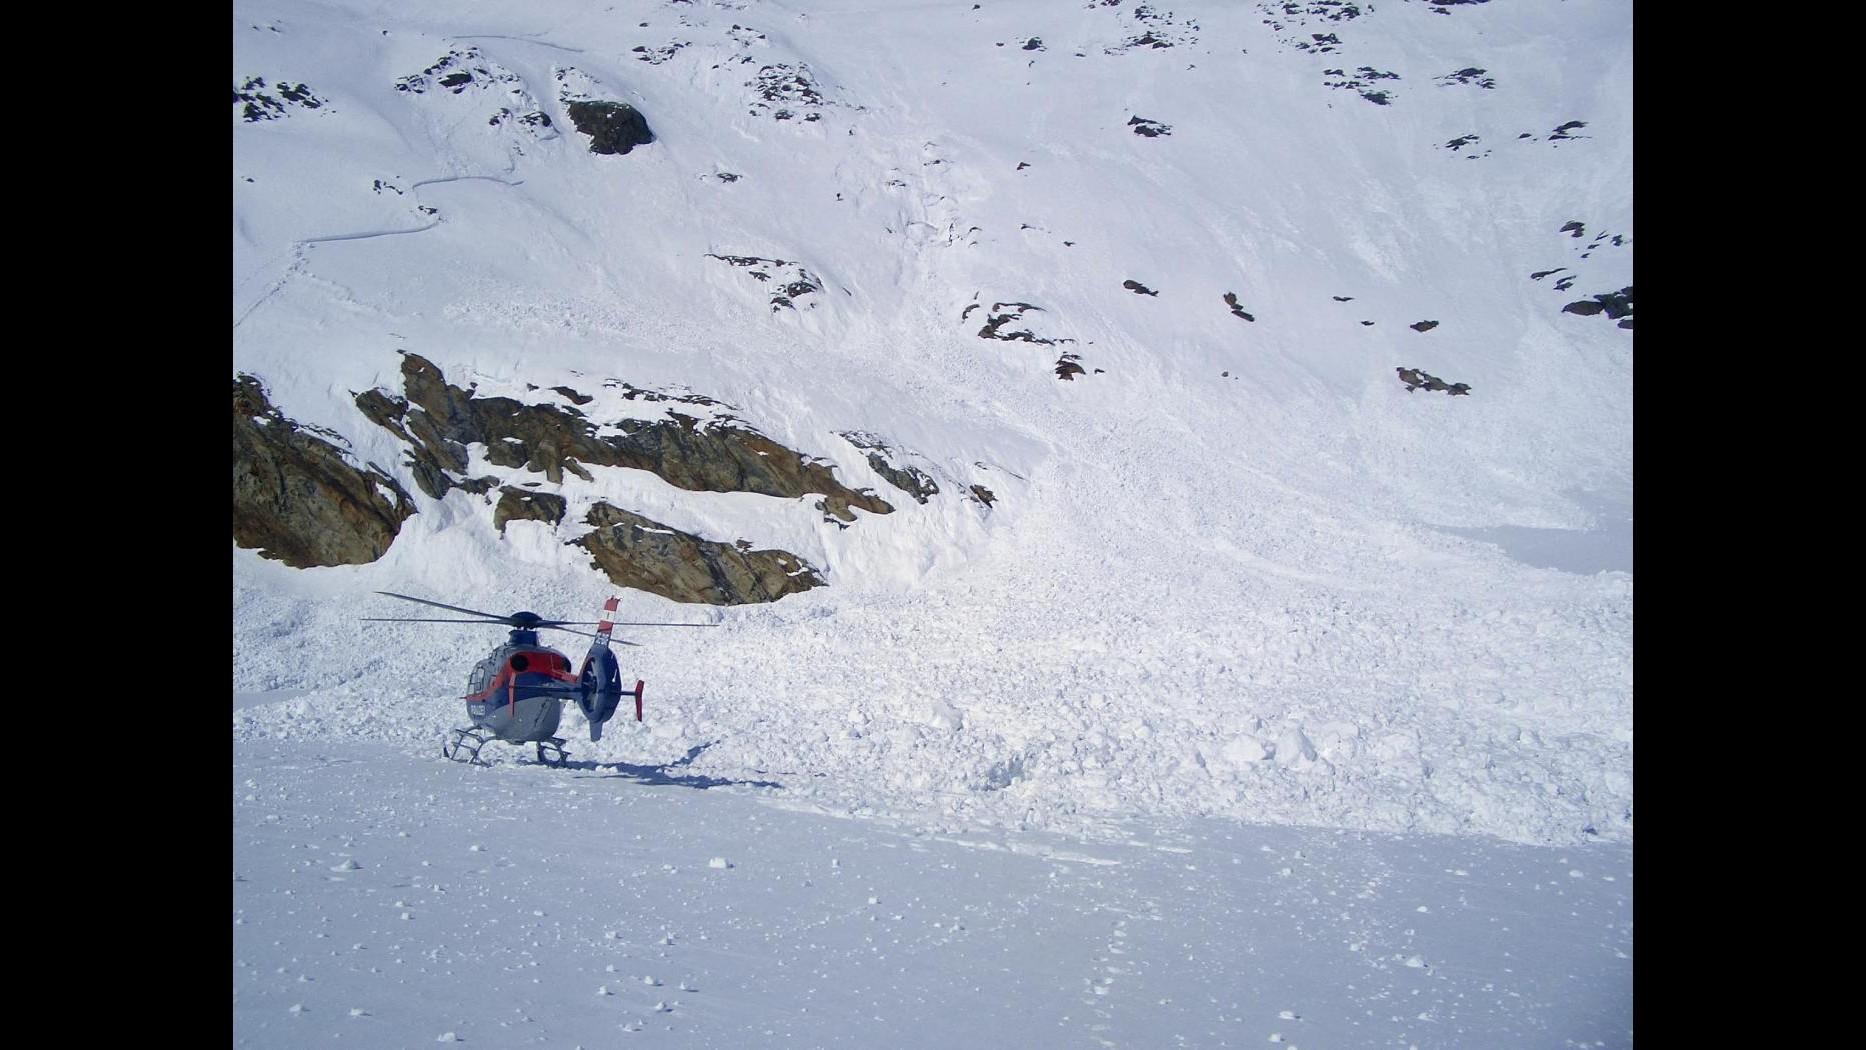 Morto sciatore 39enne travolto da slavina nell'aquilano